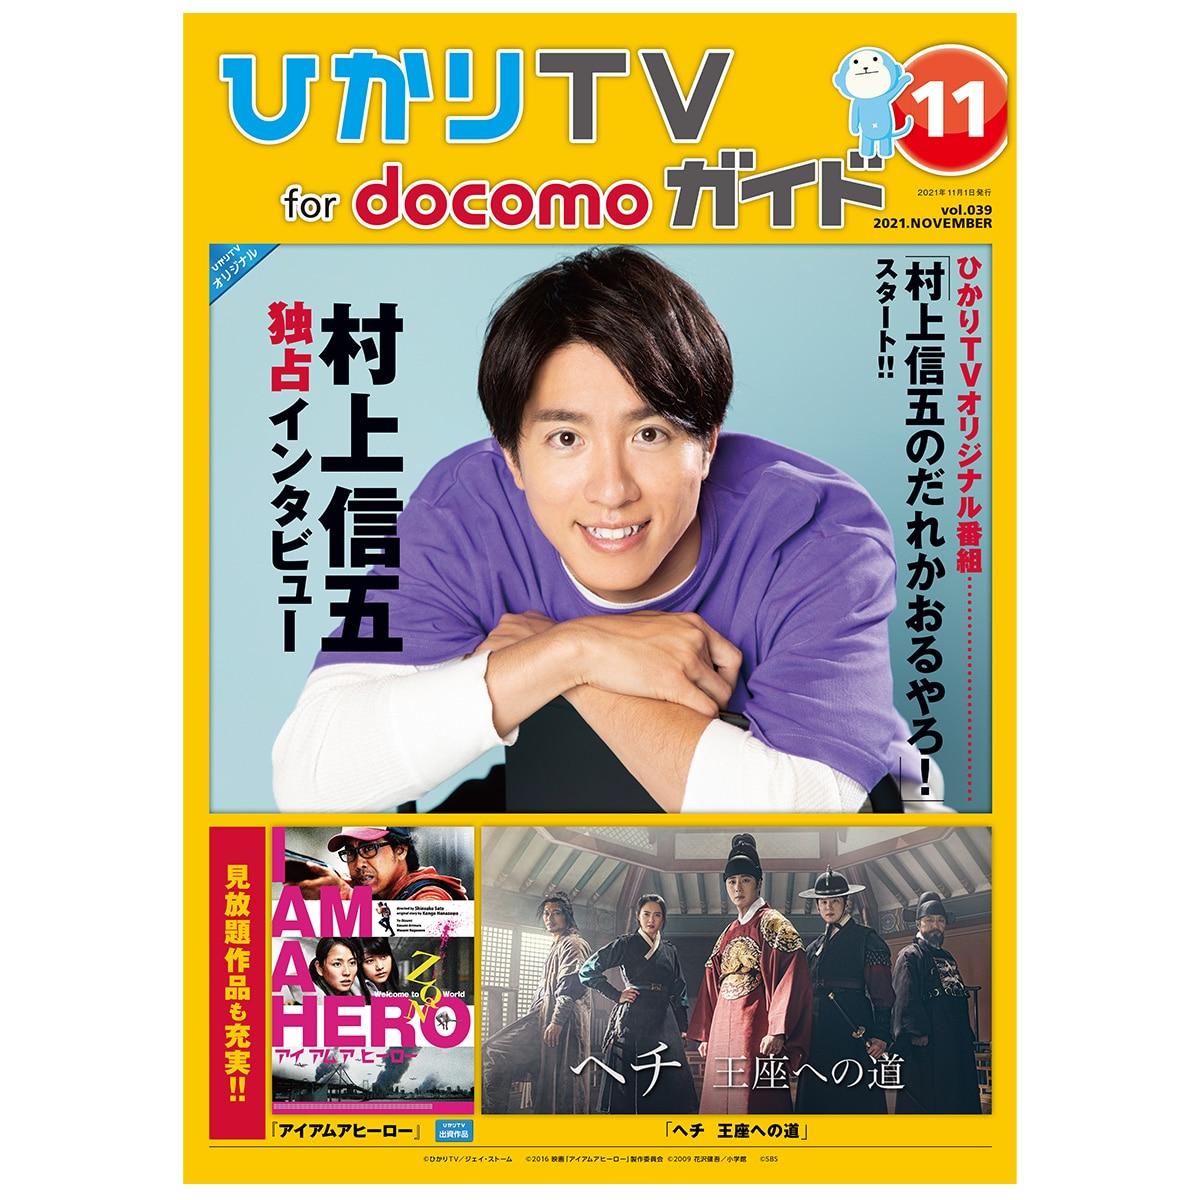 NTTぷらら 【2021年11月号】 ひかりTV for docomo ガイド誌